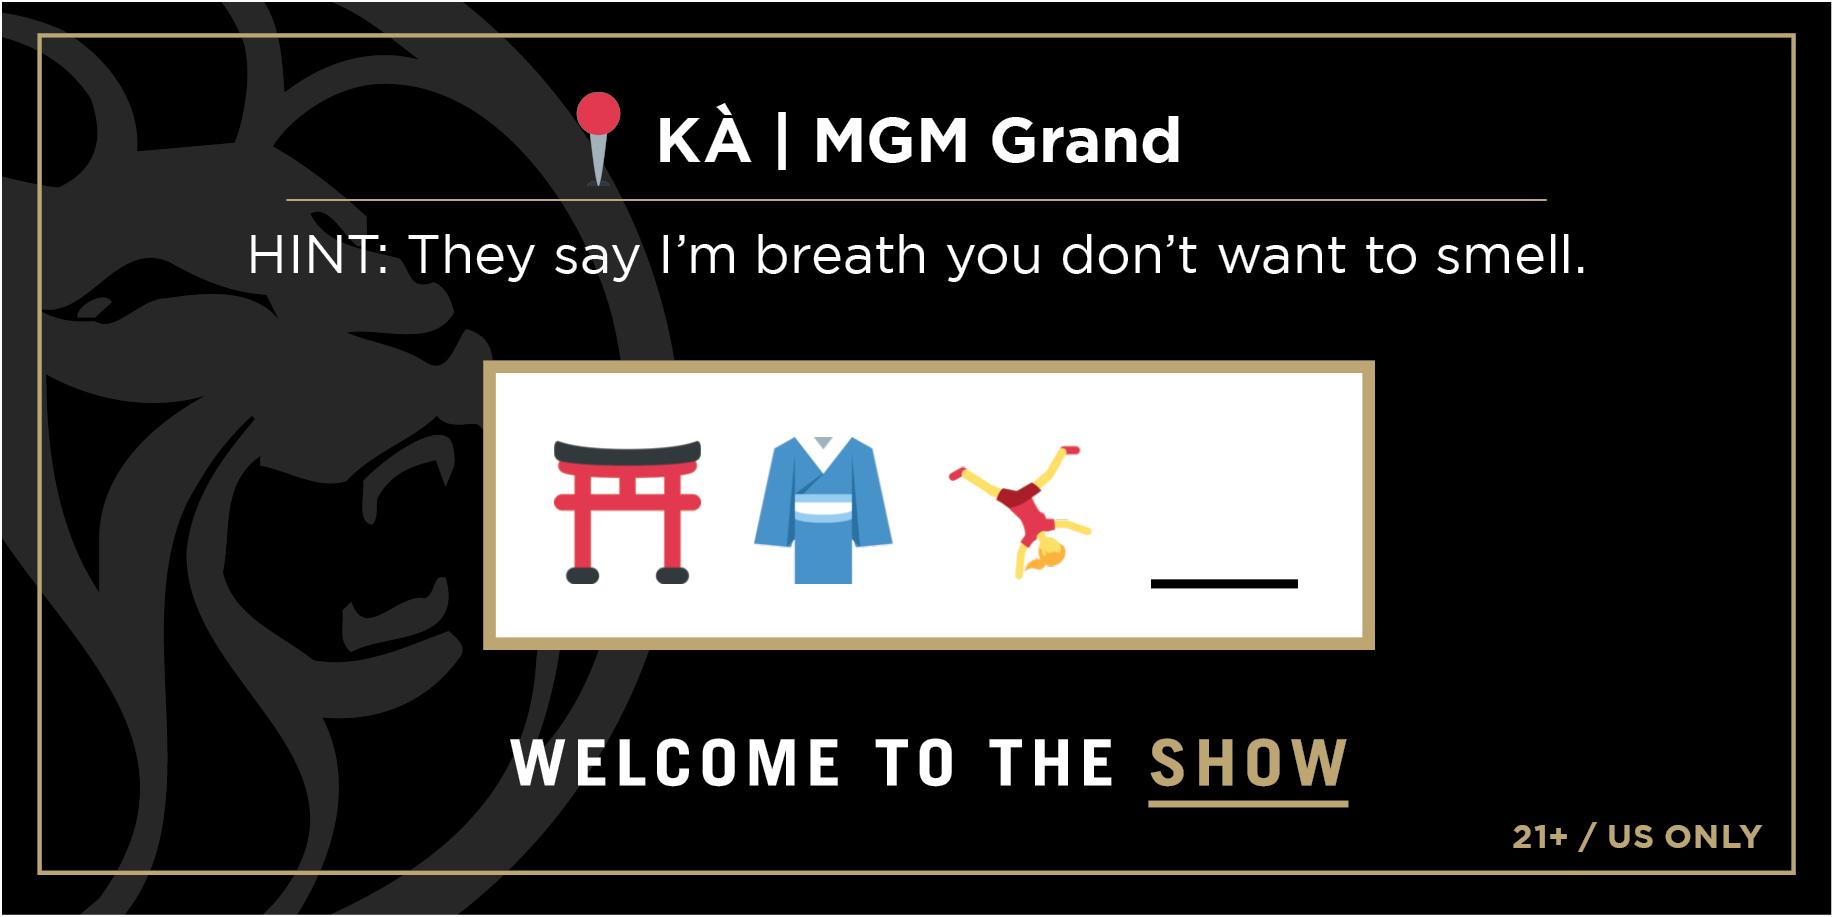 MGM_WTTS_TwitterAssets7.jpg